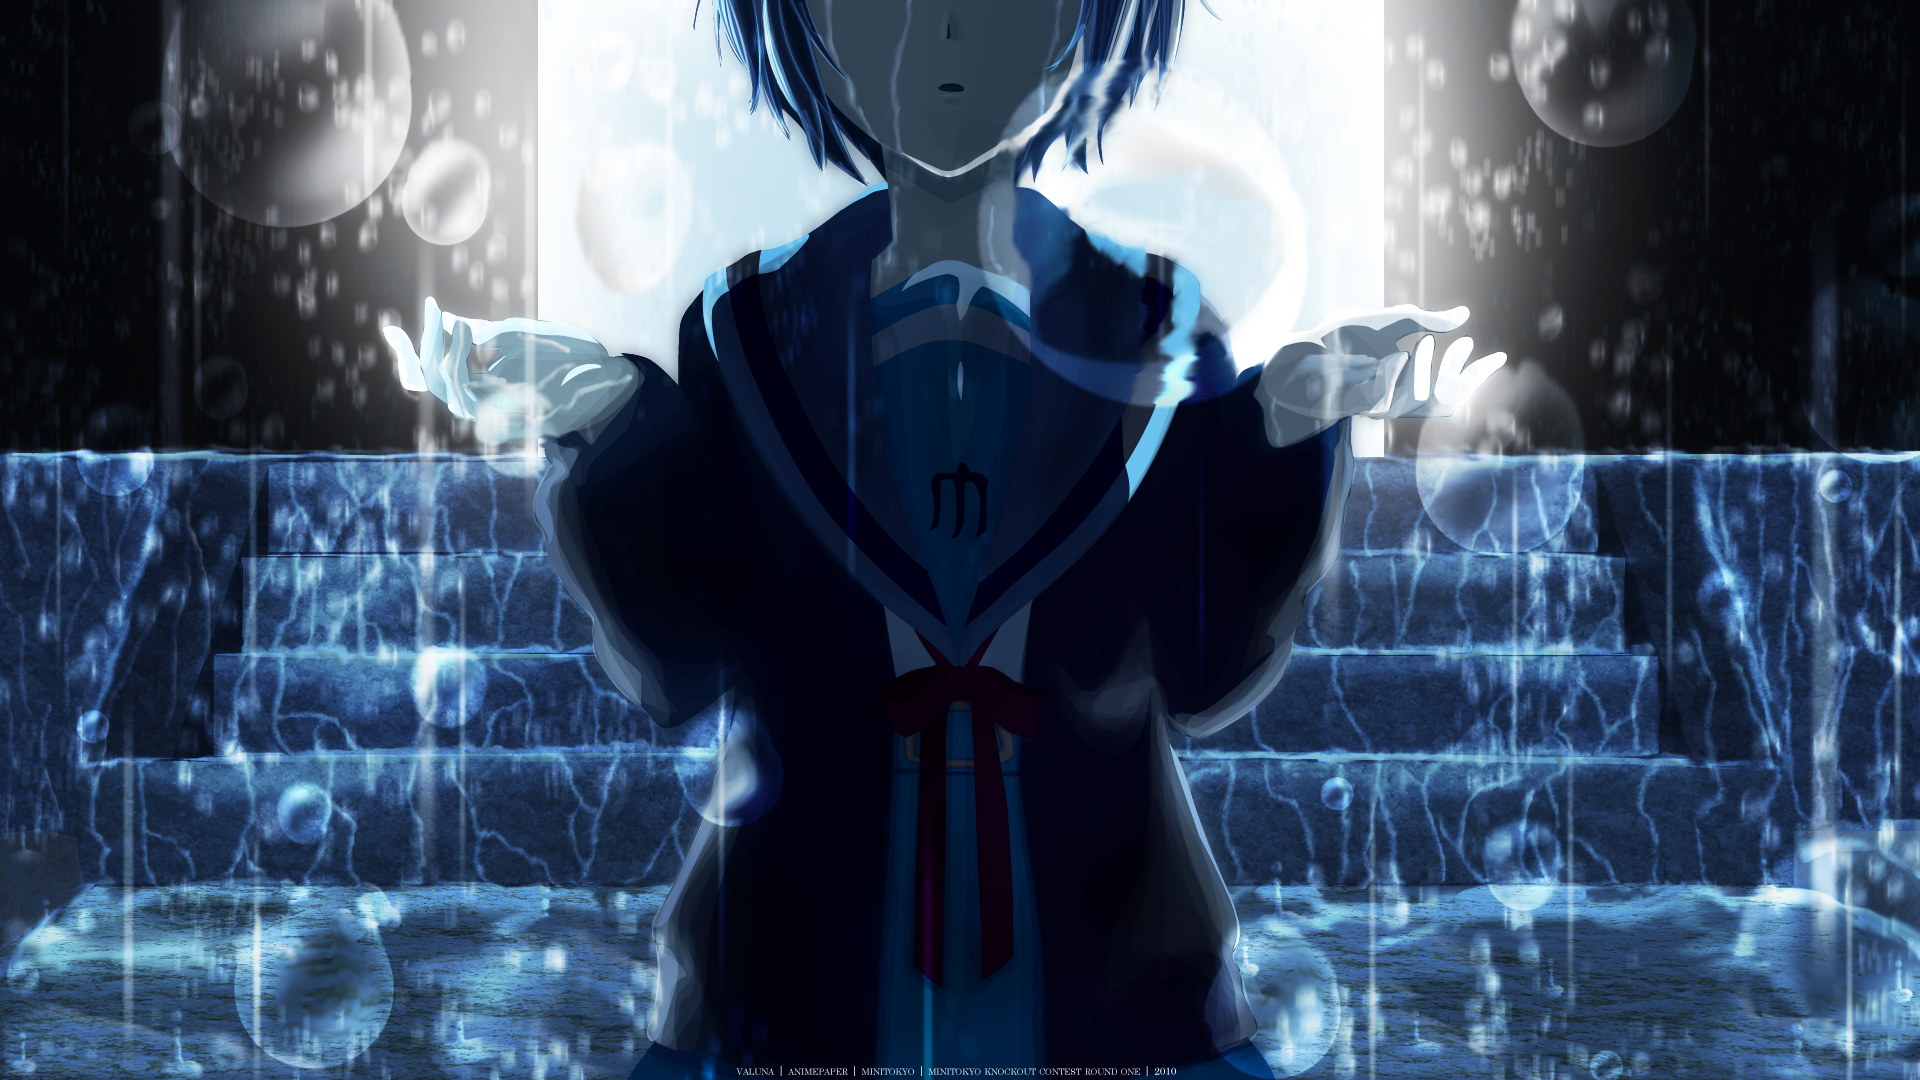 Nagato Yuki Suzumiya Haruhi No Yuuutsu Zerochan Anime Image Board